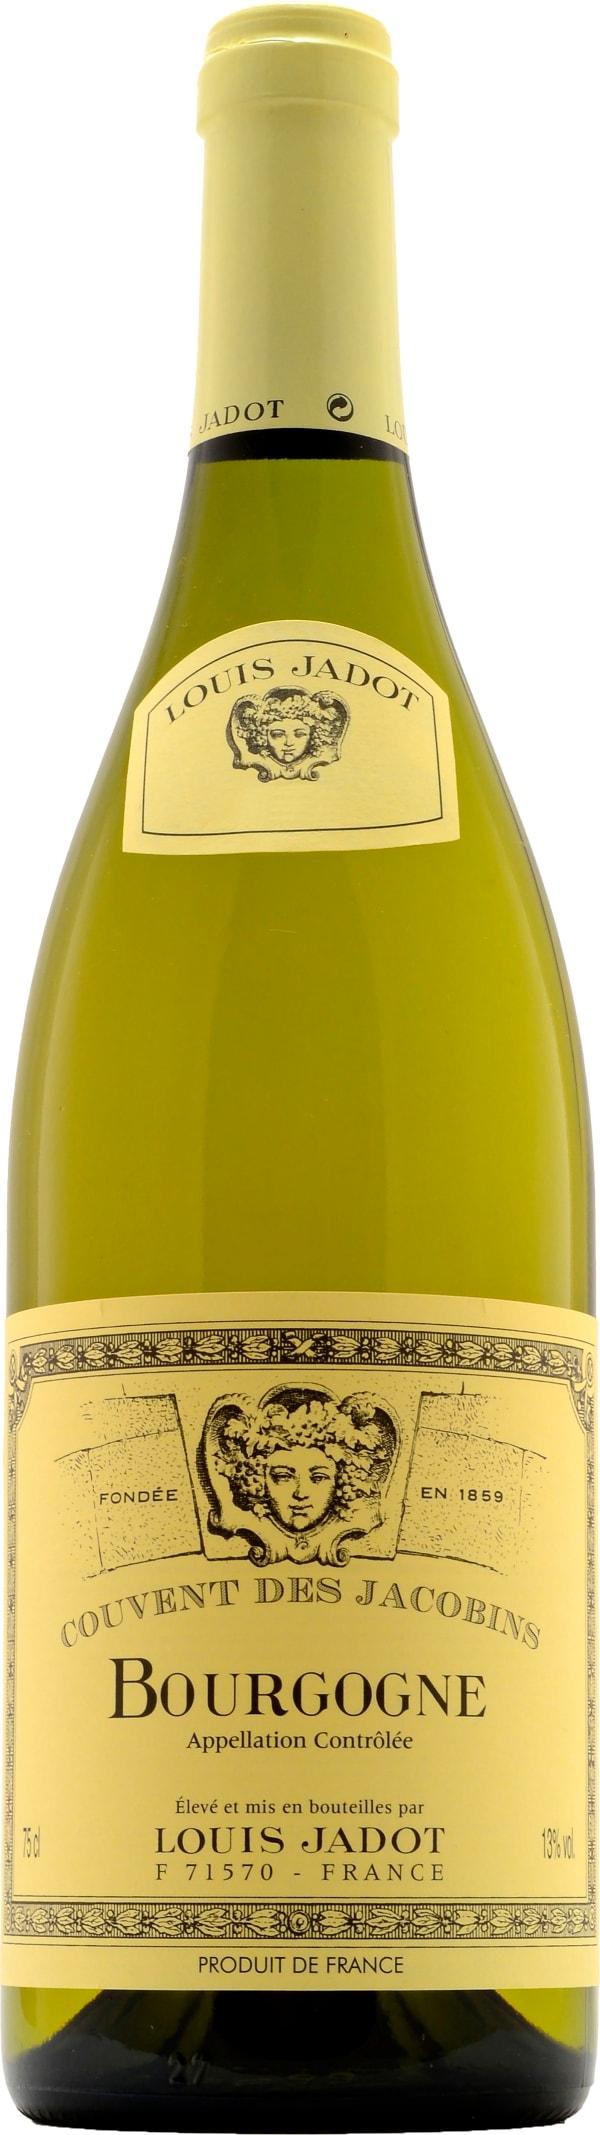 Louis Jadot Bourgogne Chardonnay Couvent des Jacobins 2018